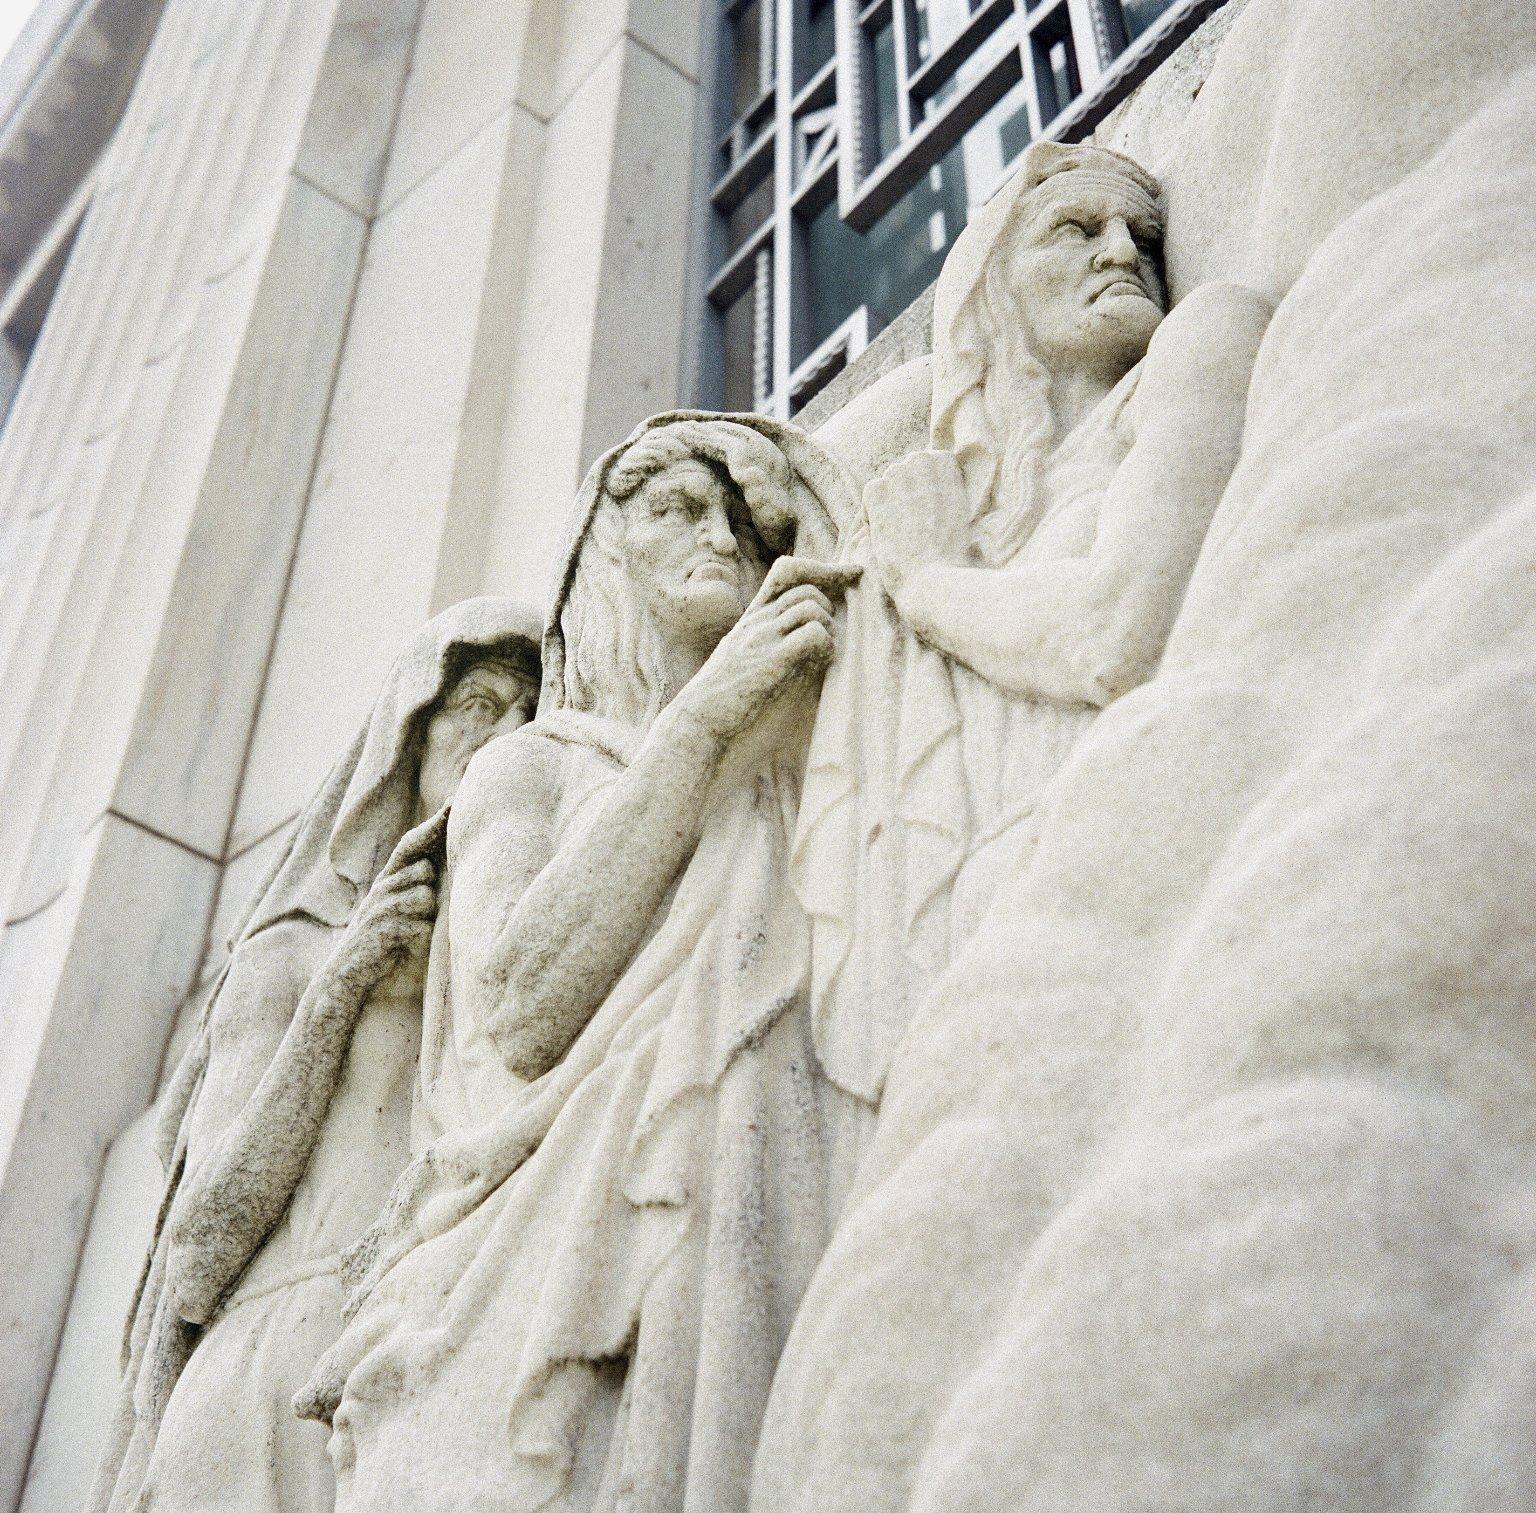 Macbeth bas relief